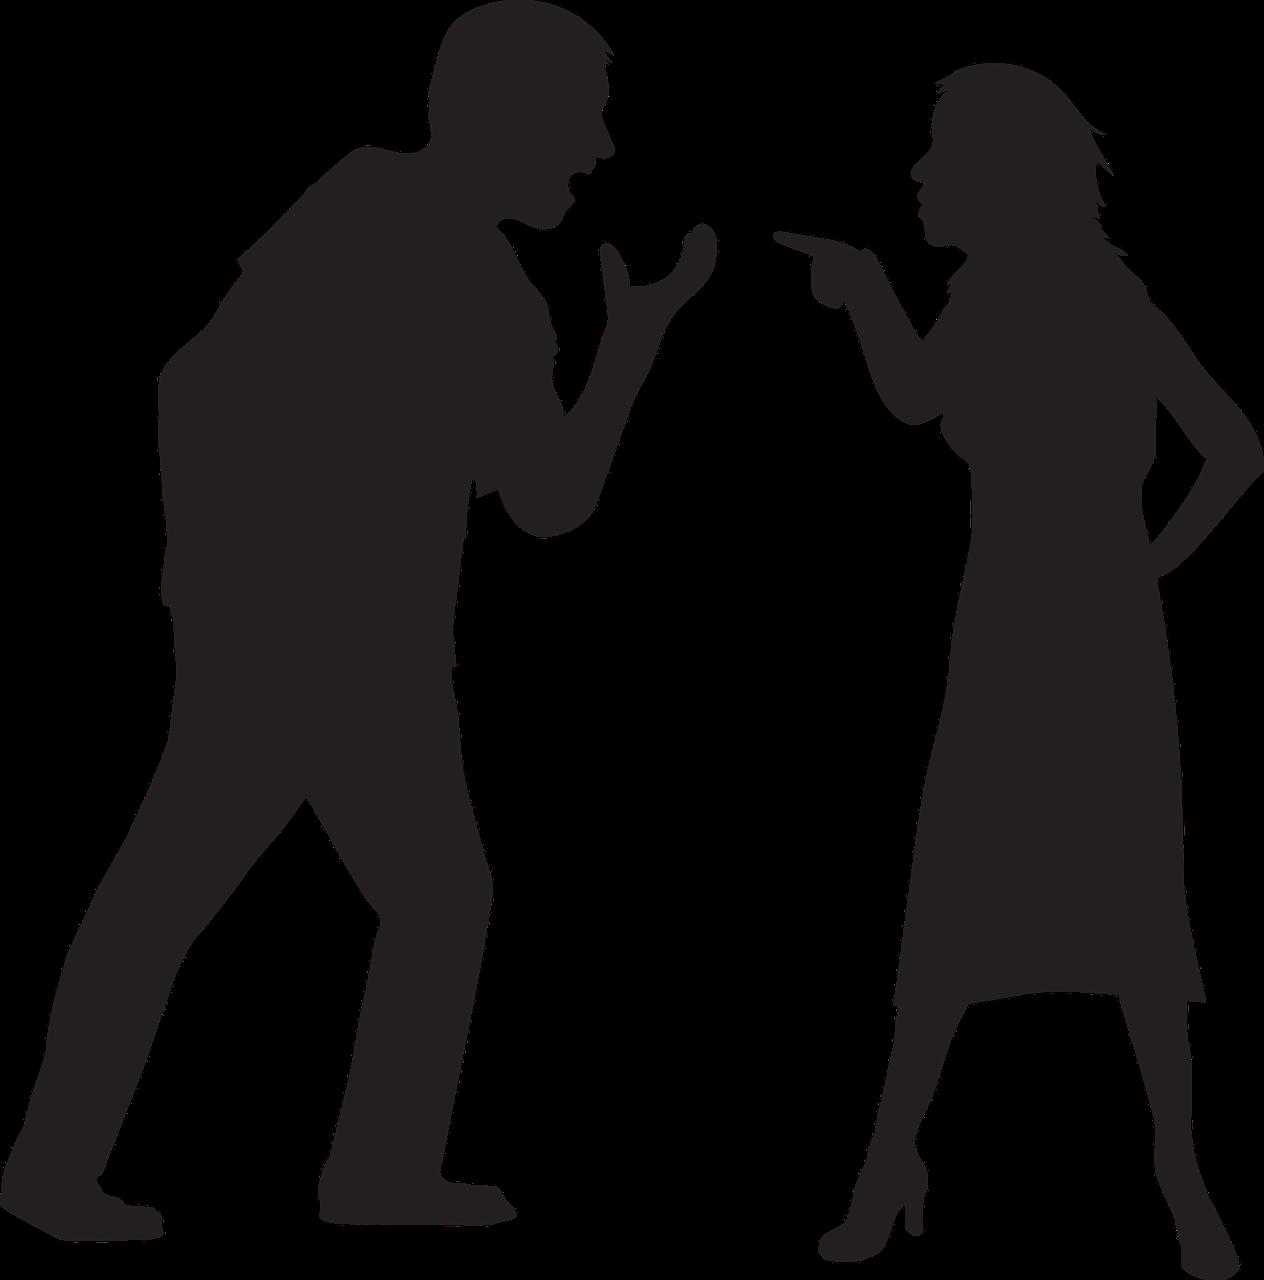 Critica în relația de cuplu. Prea multe critici distrug cuplul!